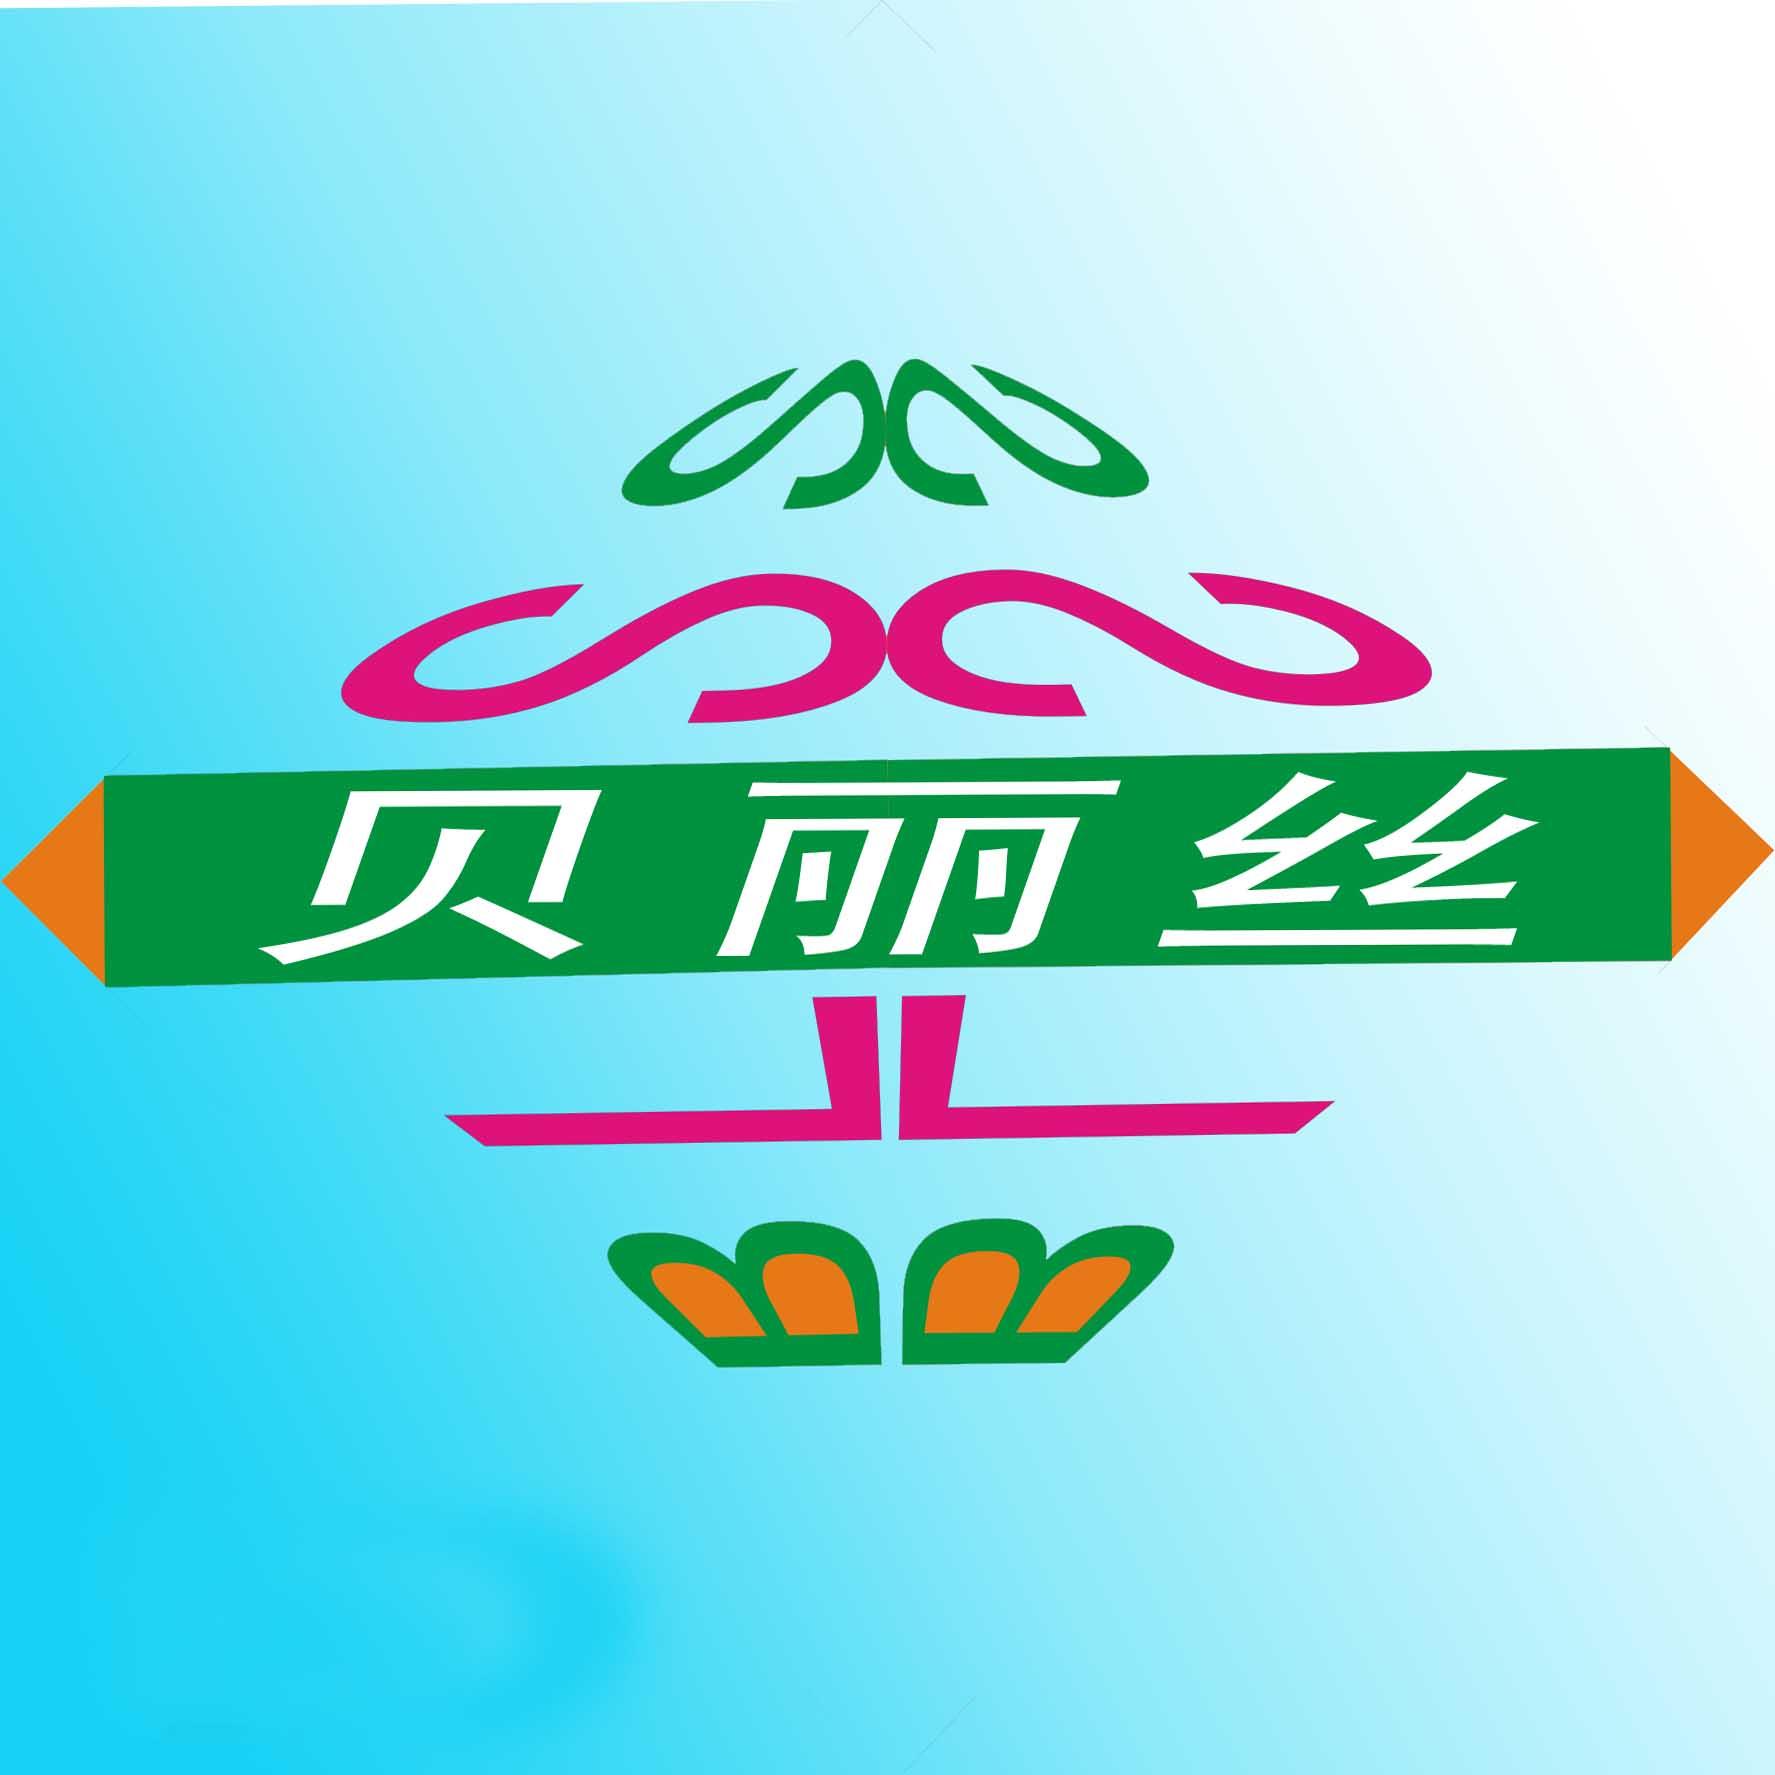 外贸公司logo及logo墙设计